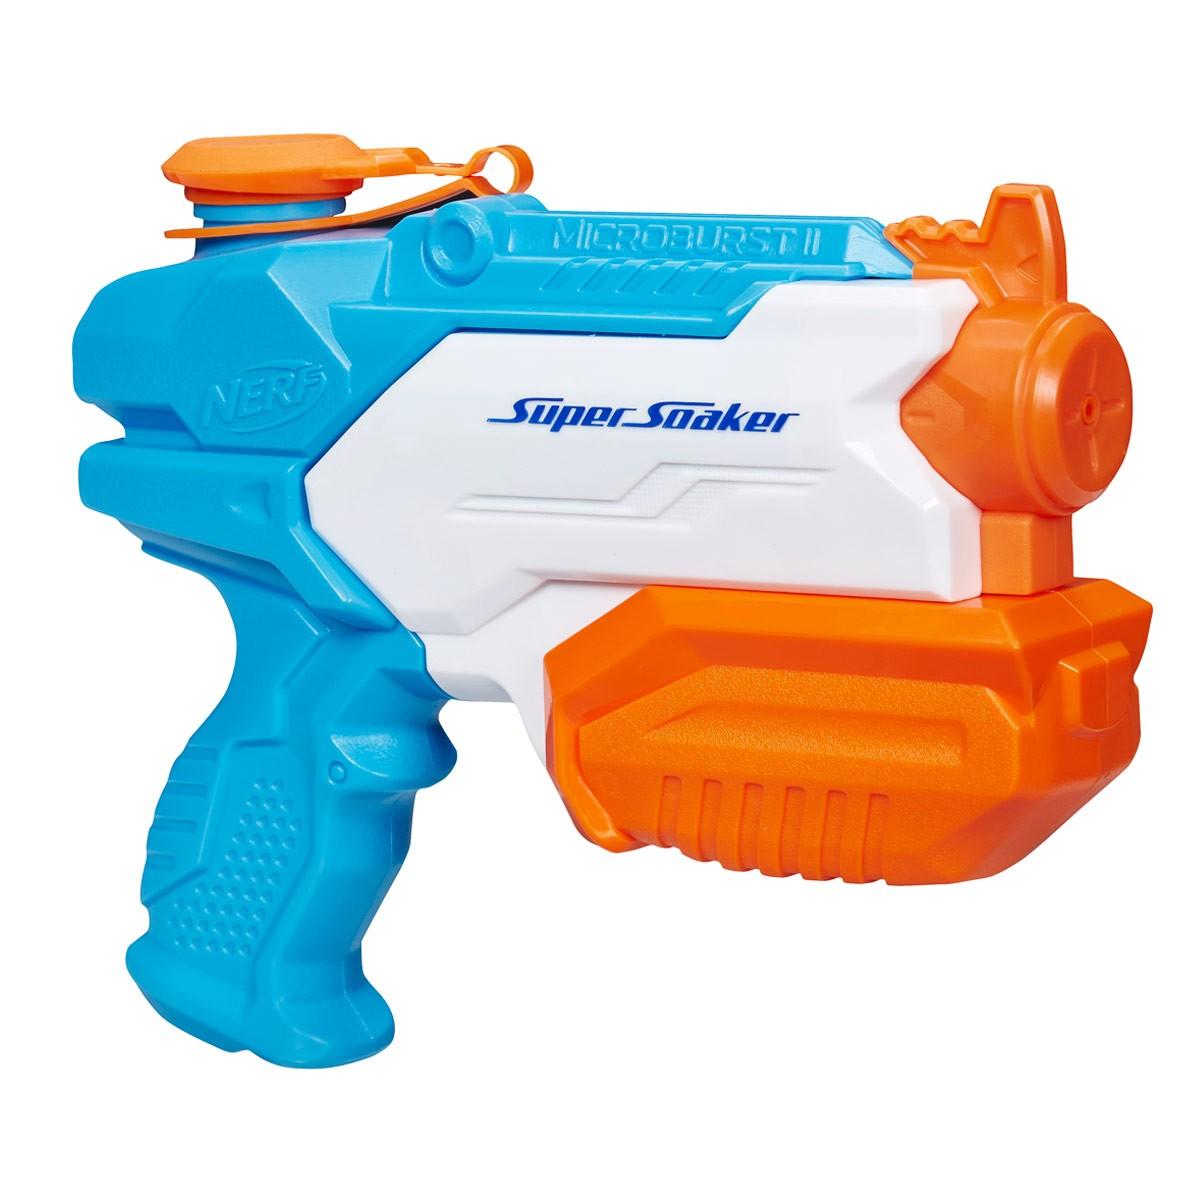 Nerf Lançador de Água SSoaker Microburst (A9461)